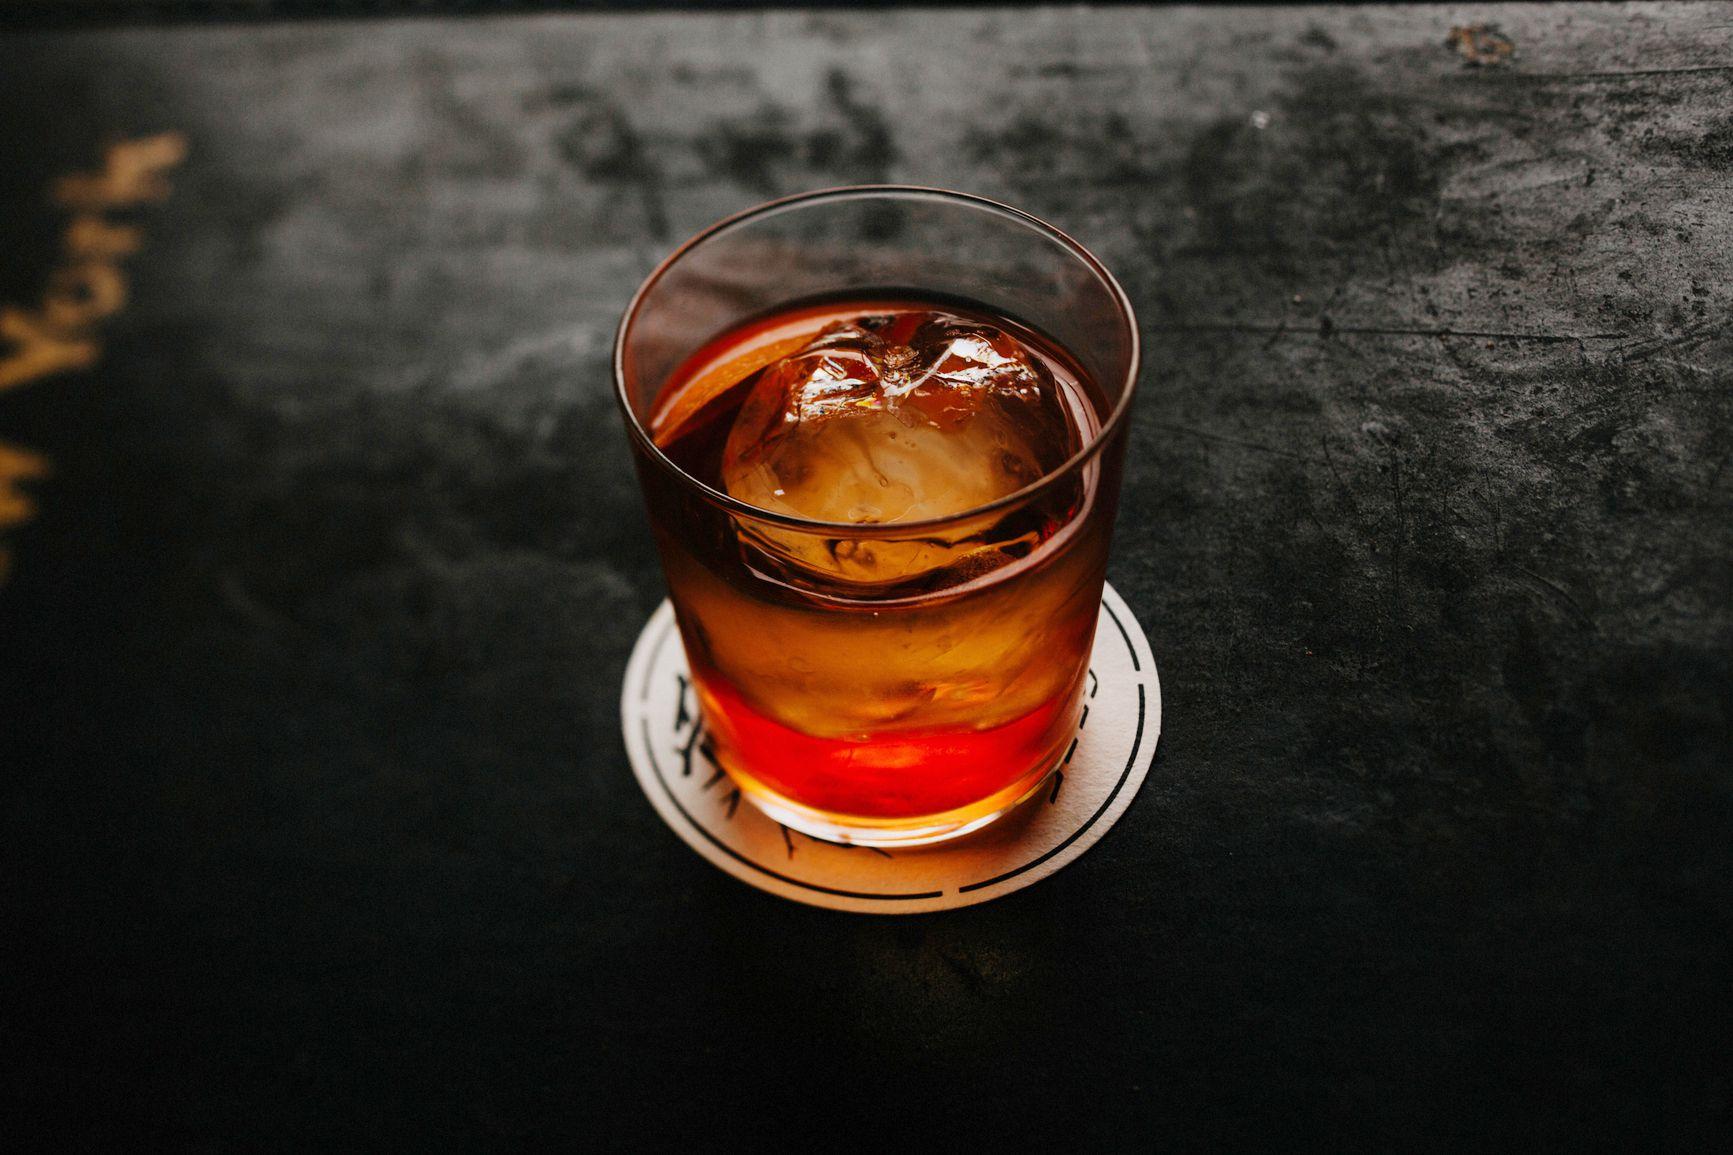 Как генетика играет роль в алкоголизме